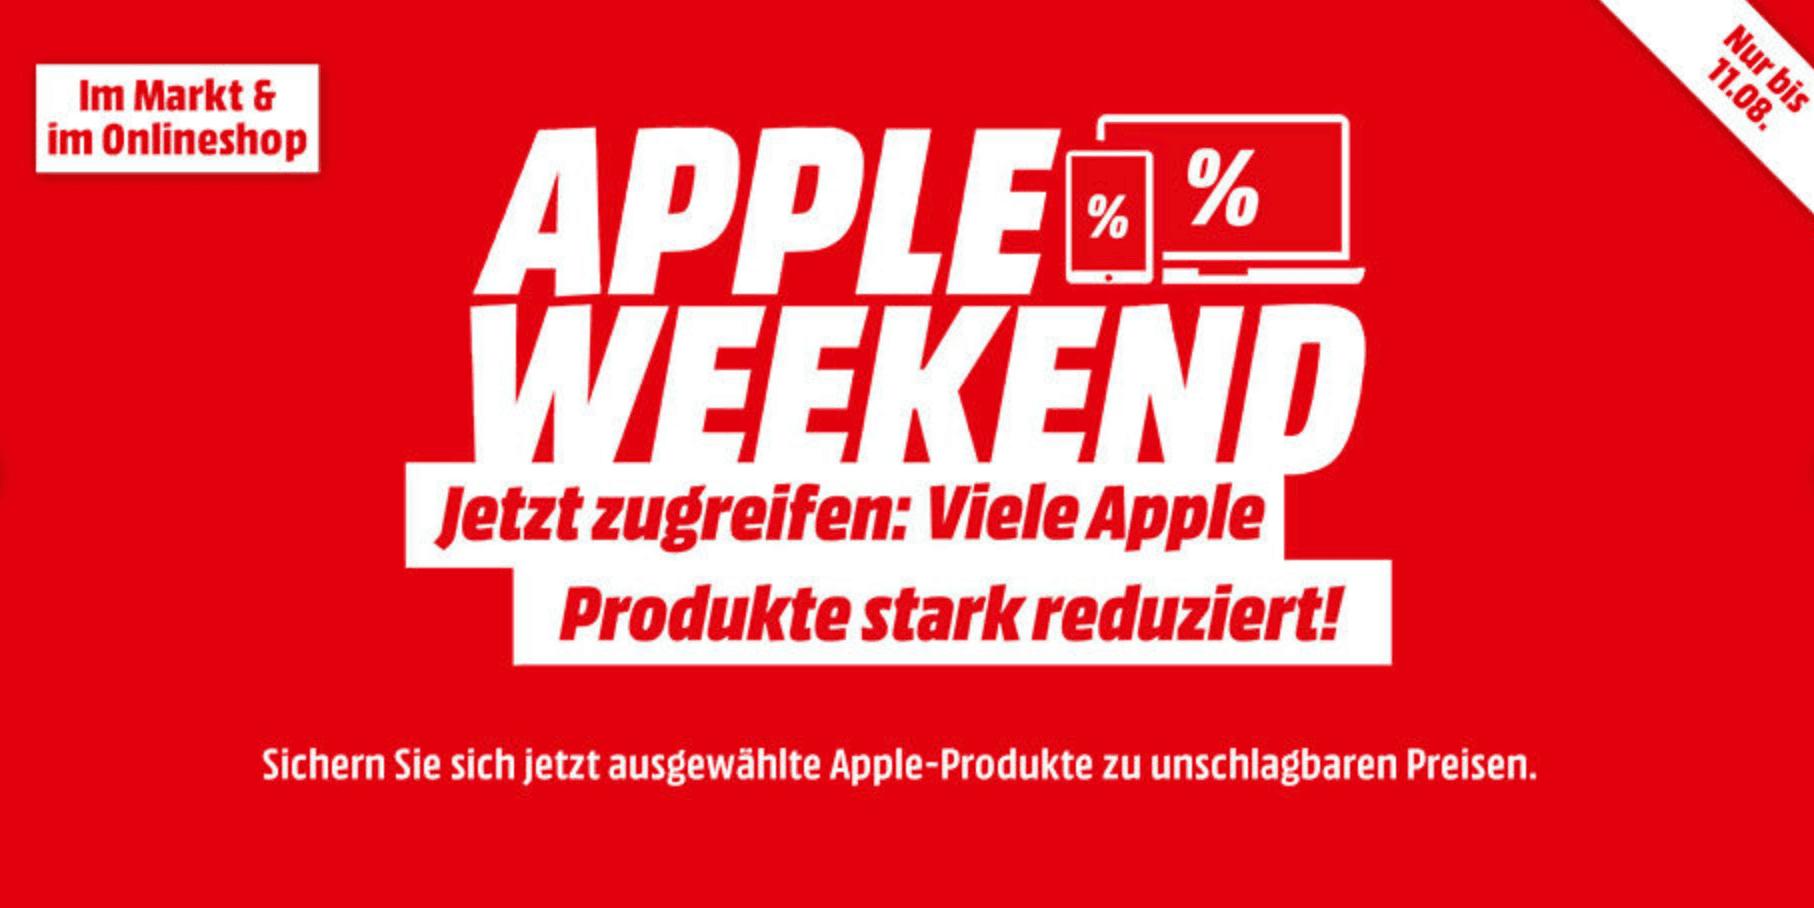 Apple Weekend: iPads, MacBook Air, iMac und Original Zubehör reduziert!